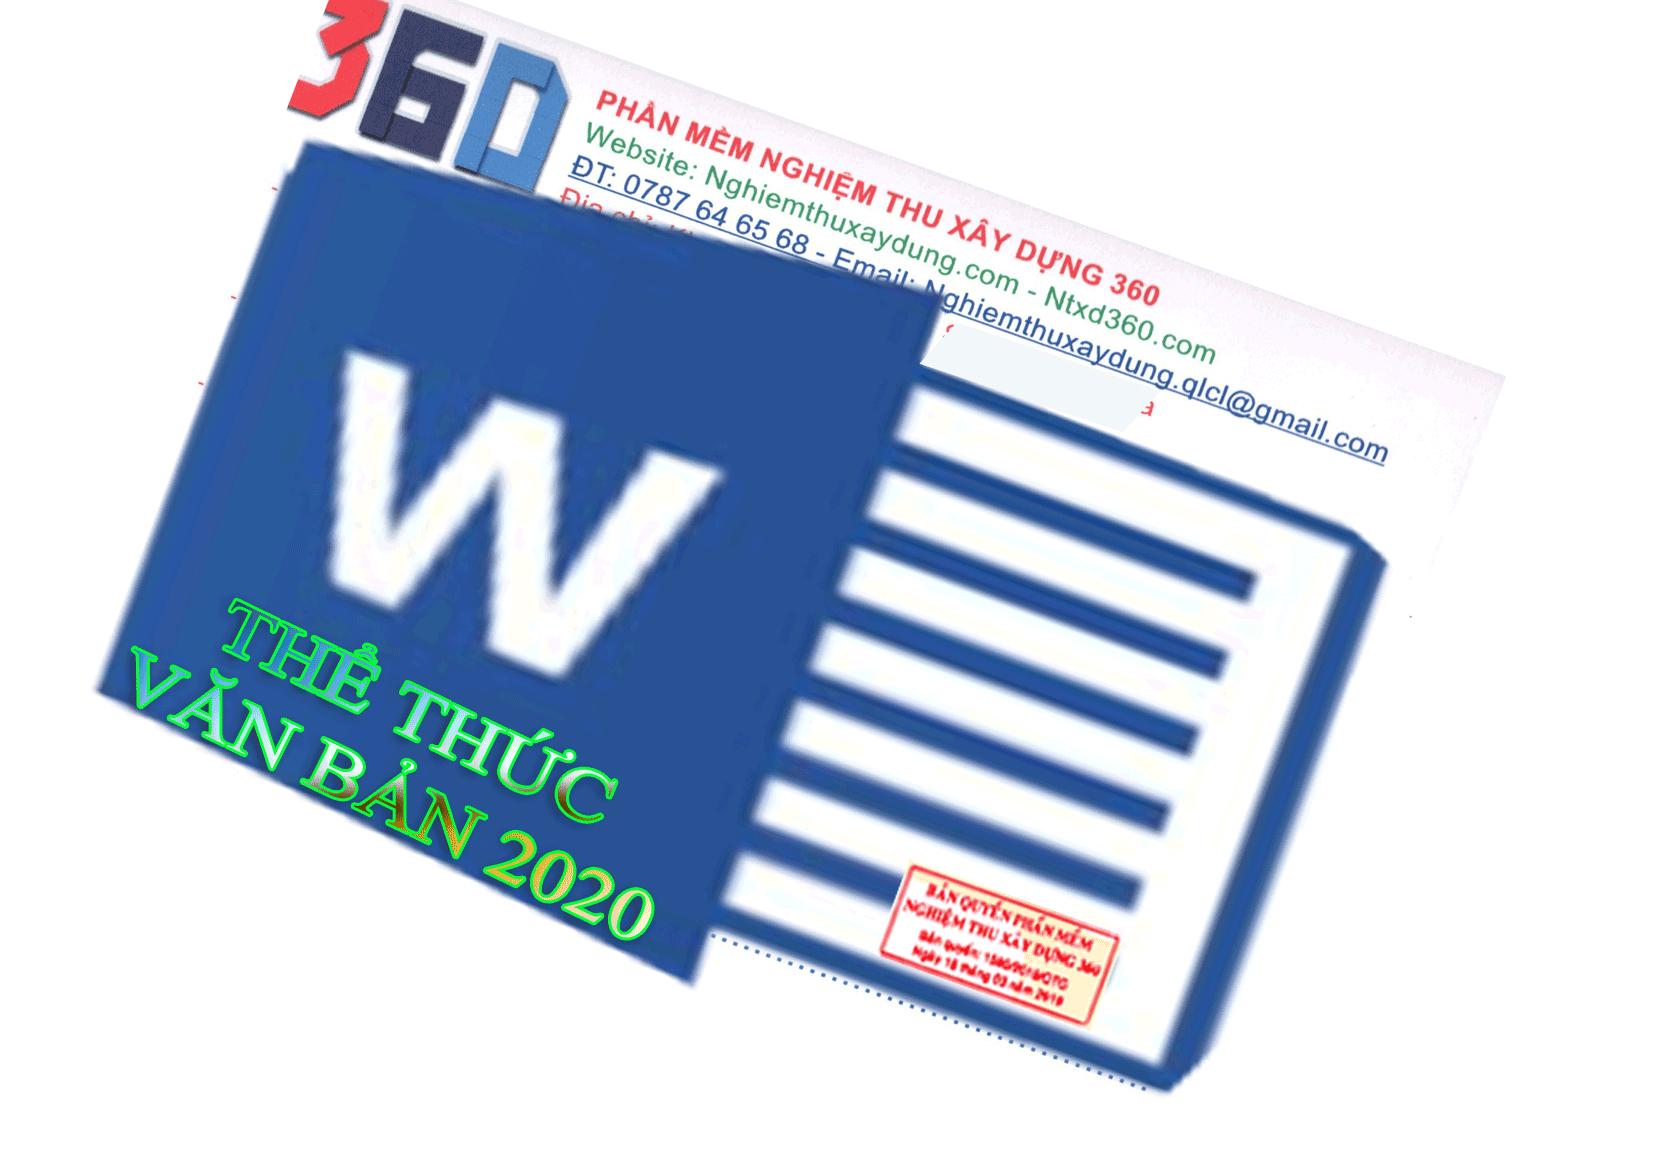 Quy định về thể thức và cách trình bầy văn bản mới nhất 2020